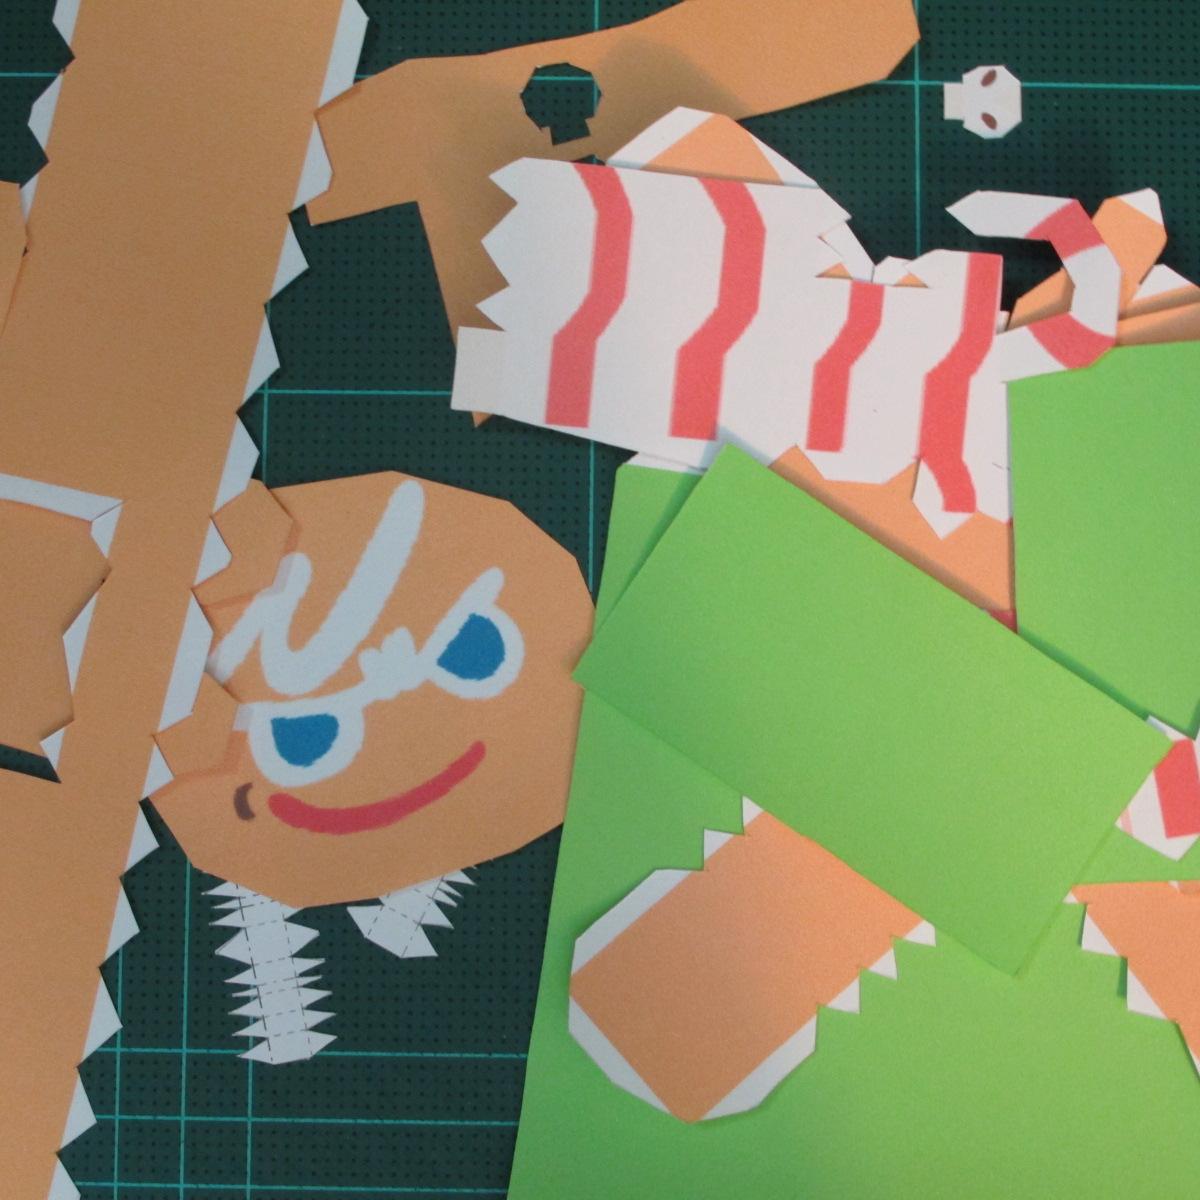 วิธีทำโมเดลกระดาษตุ้กตาคุกกี้รัน คุกกี้ผู้กล้าหาญ แบบที่ 2 (LINE Cookie Run Brave Cookie Papercraft Model Version 2) 001